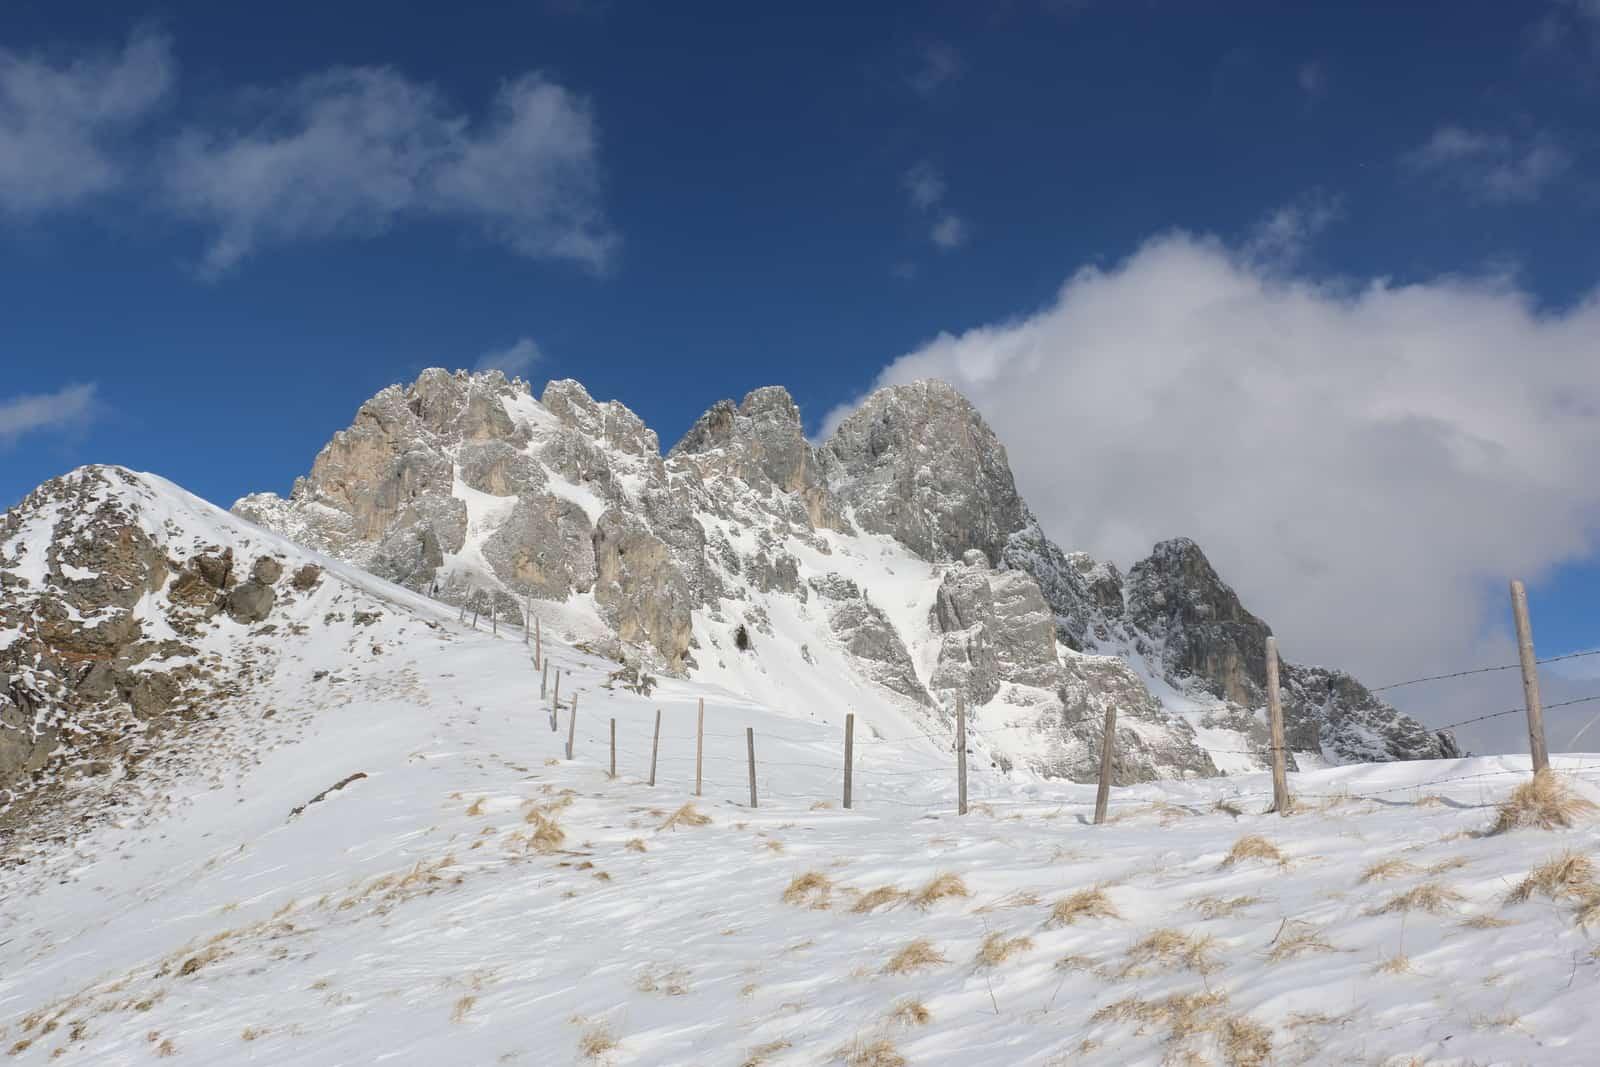 Skitour zur Schneidspitze in den Tannheimer Bergen